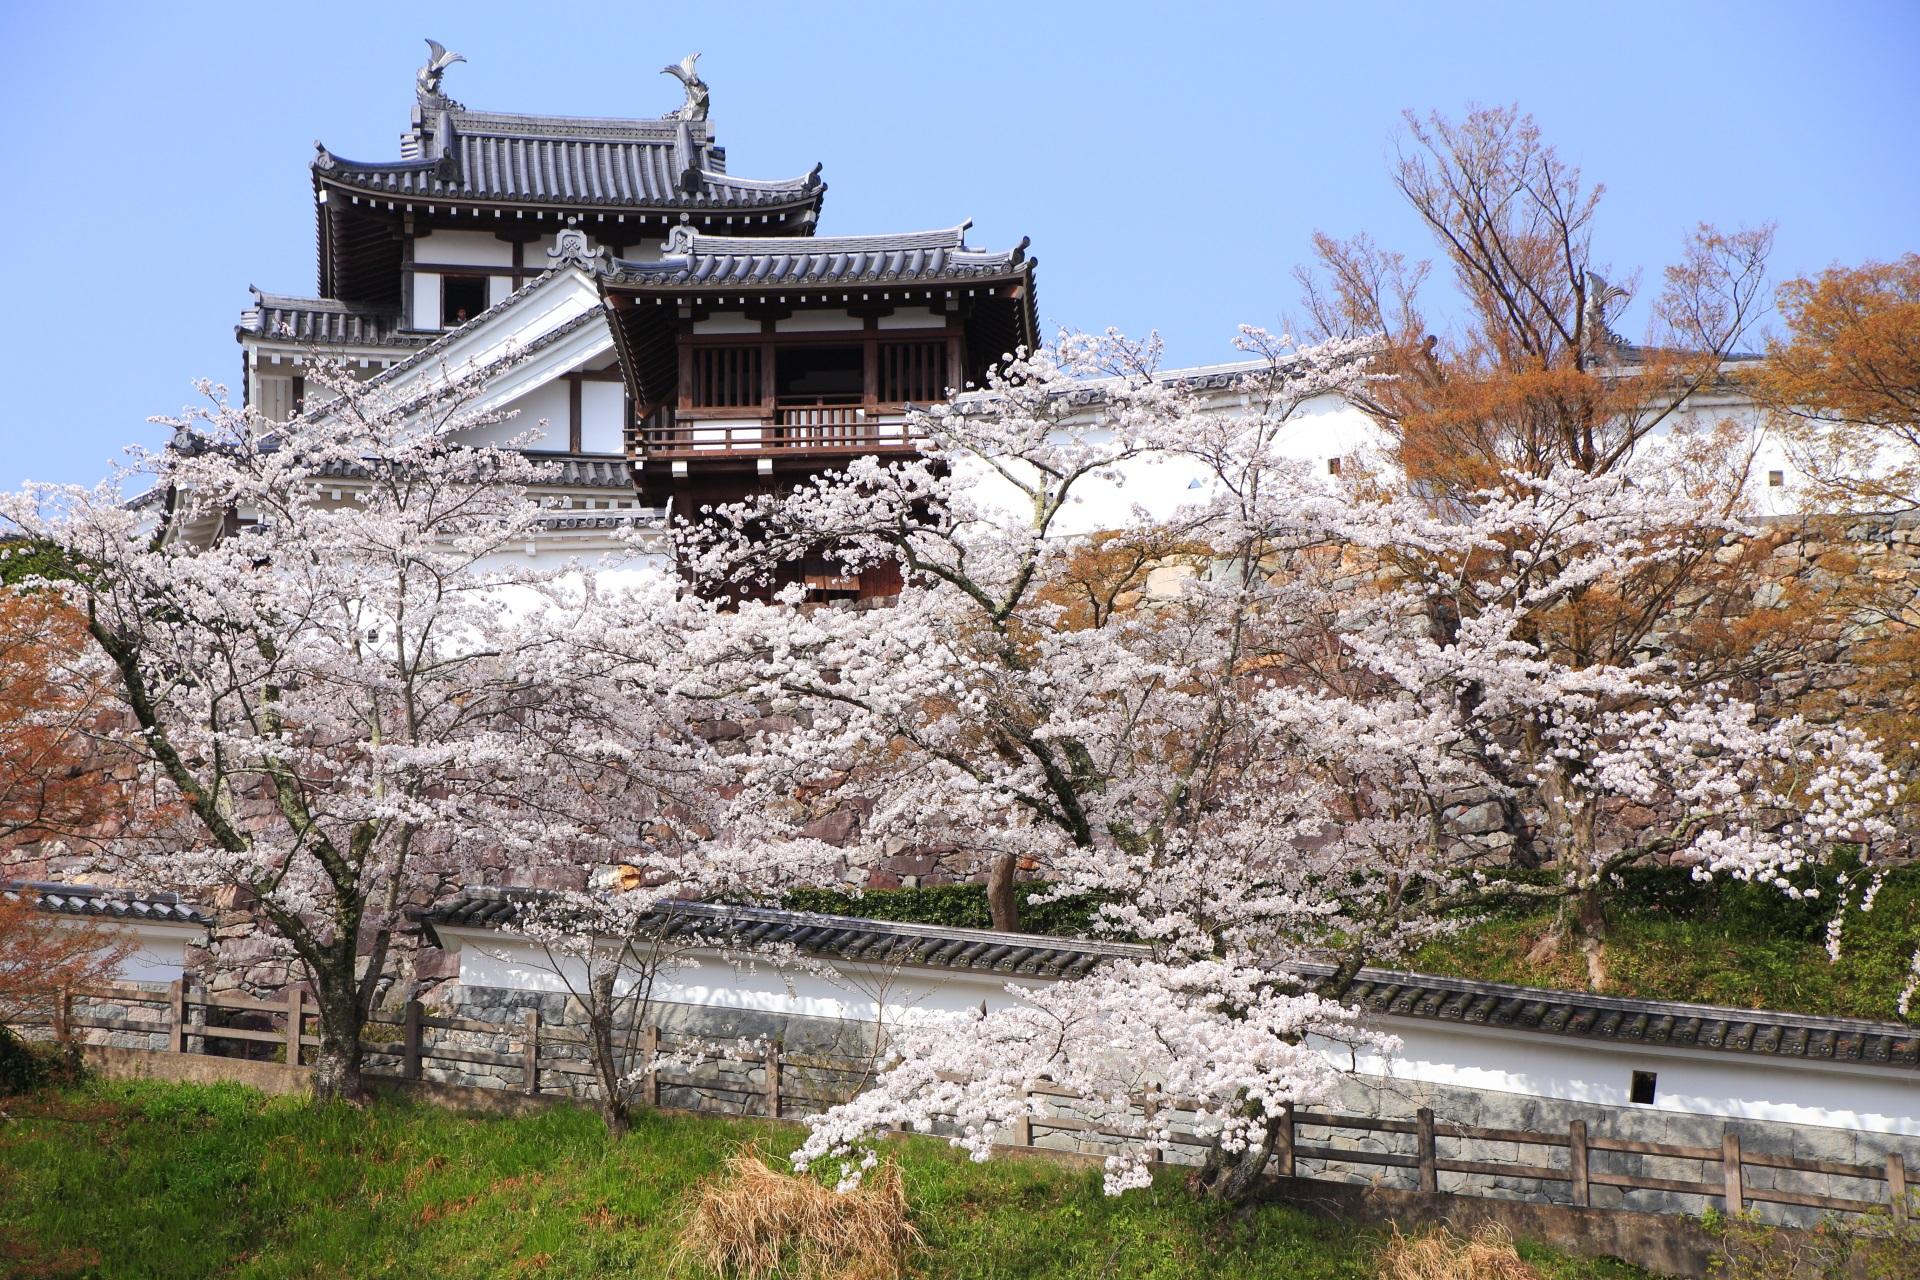 福知山城の白壁の城壁や釣鐘門を彩る桜